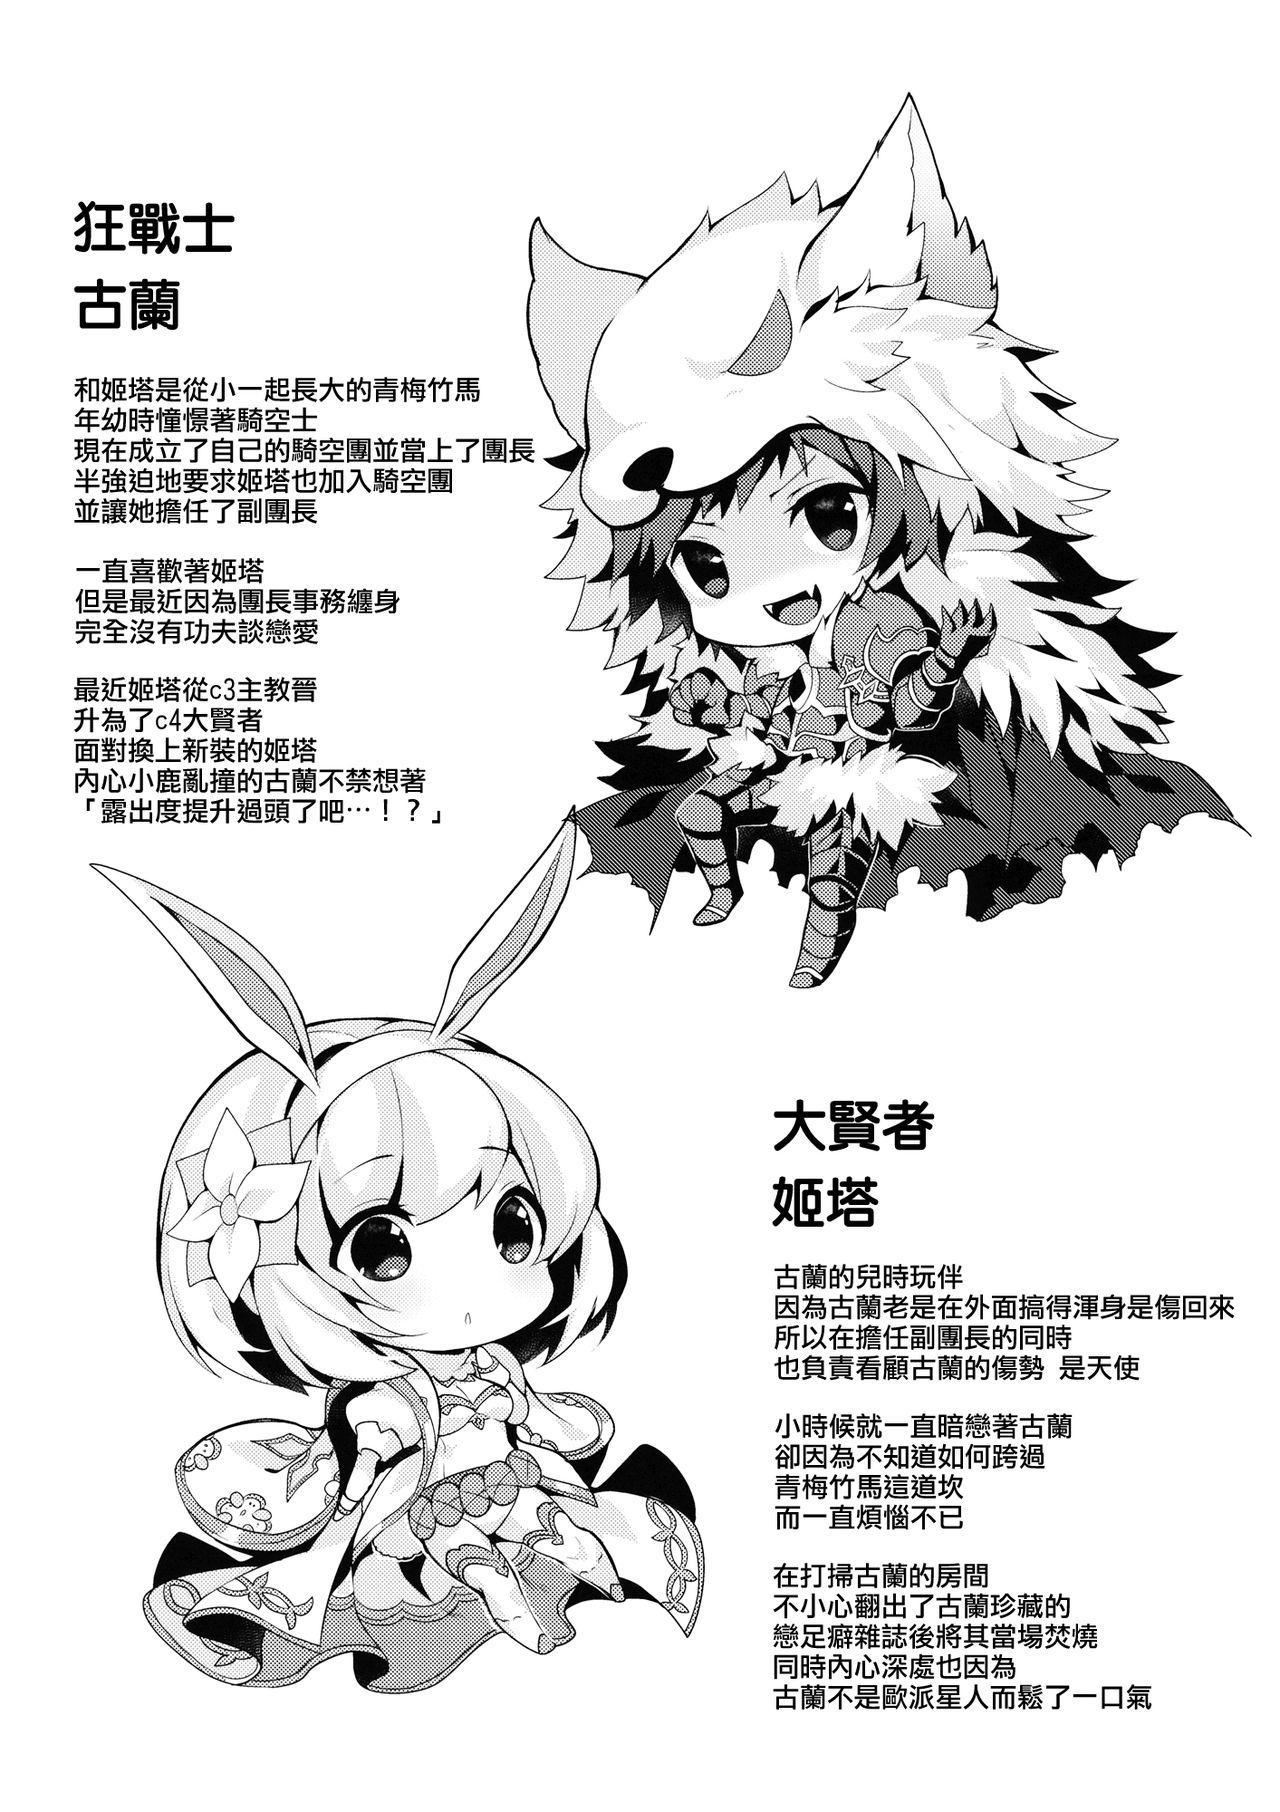 (C93) [homadelic. (Homaderi)] Fukudanchou no Usagi Djeeta-chan ga Danchou no Ookami Gran-kun ni Taberarechau Hon (Granblue Fantasy) [Chinese] [無邪気漢化組] 2